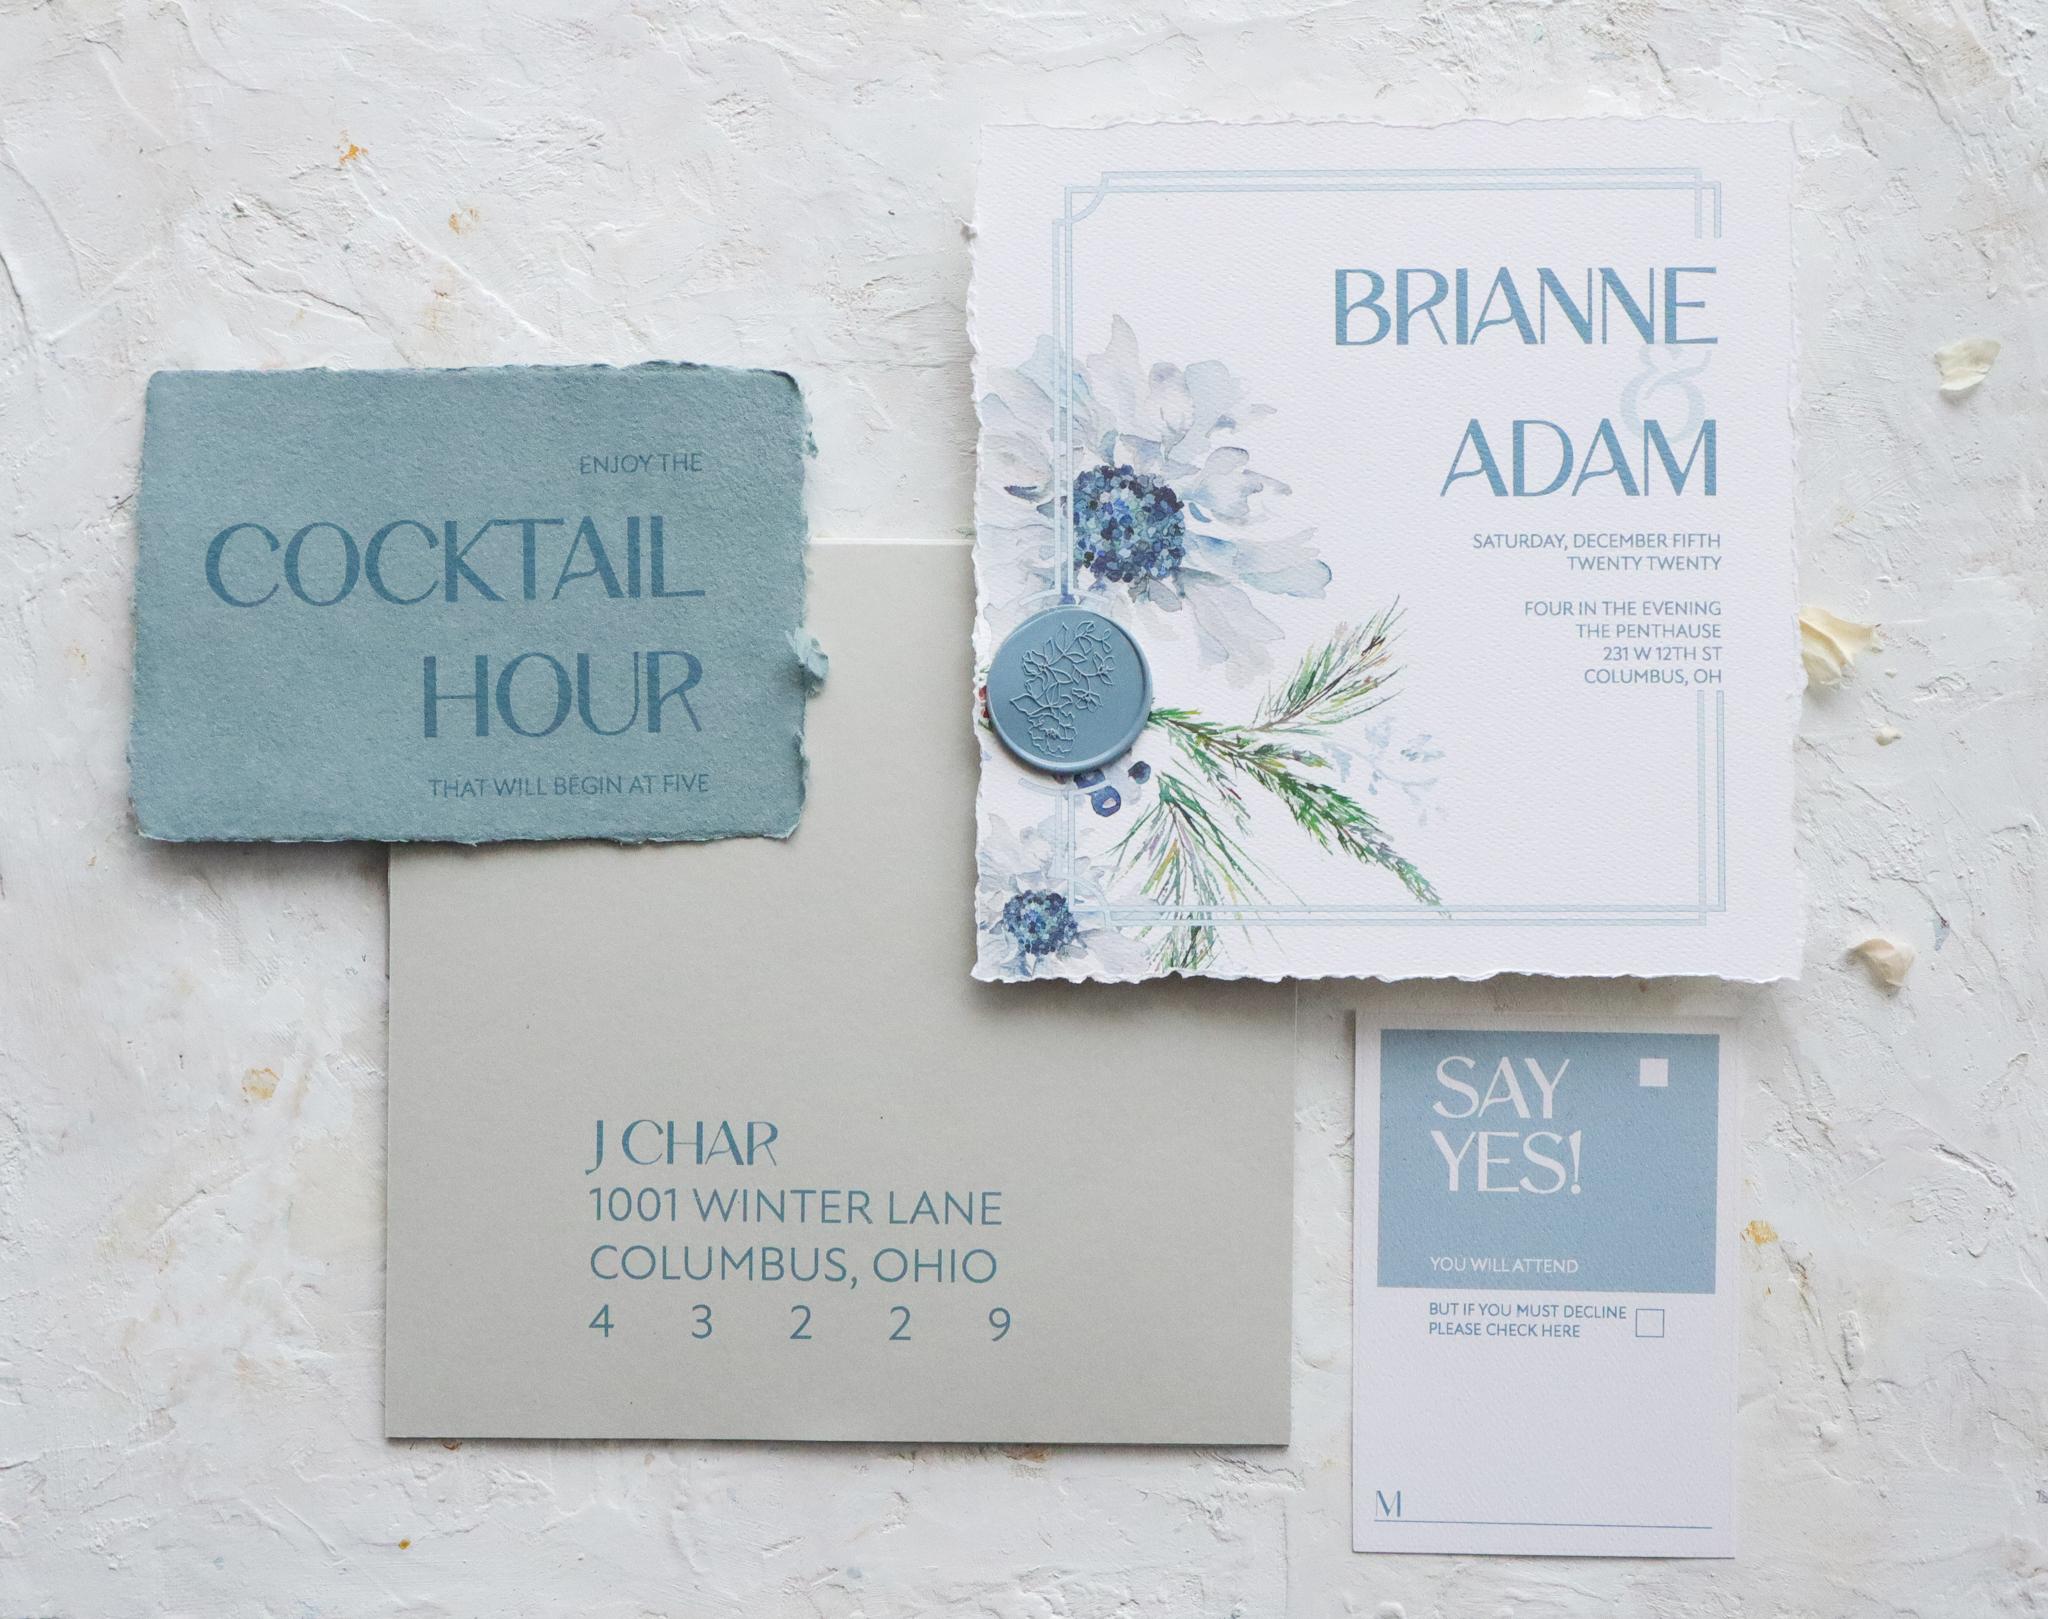 jchardesigns-watercolor-wedding-invitati